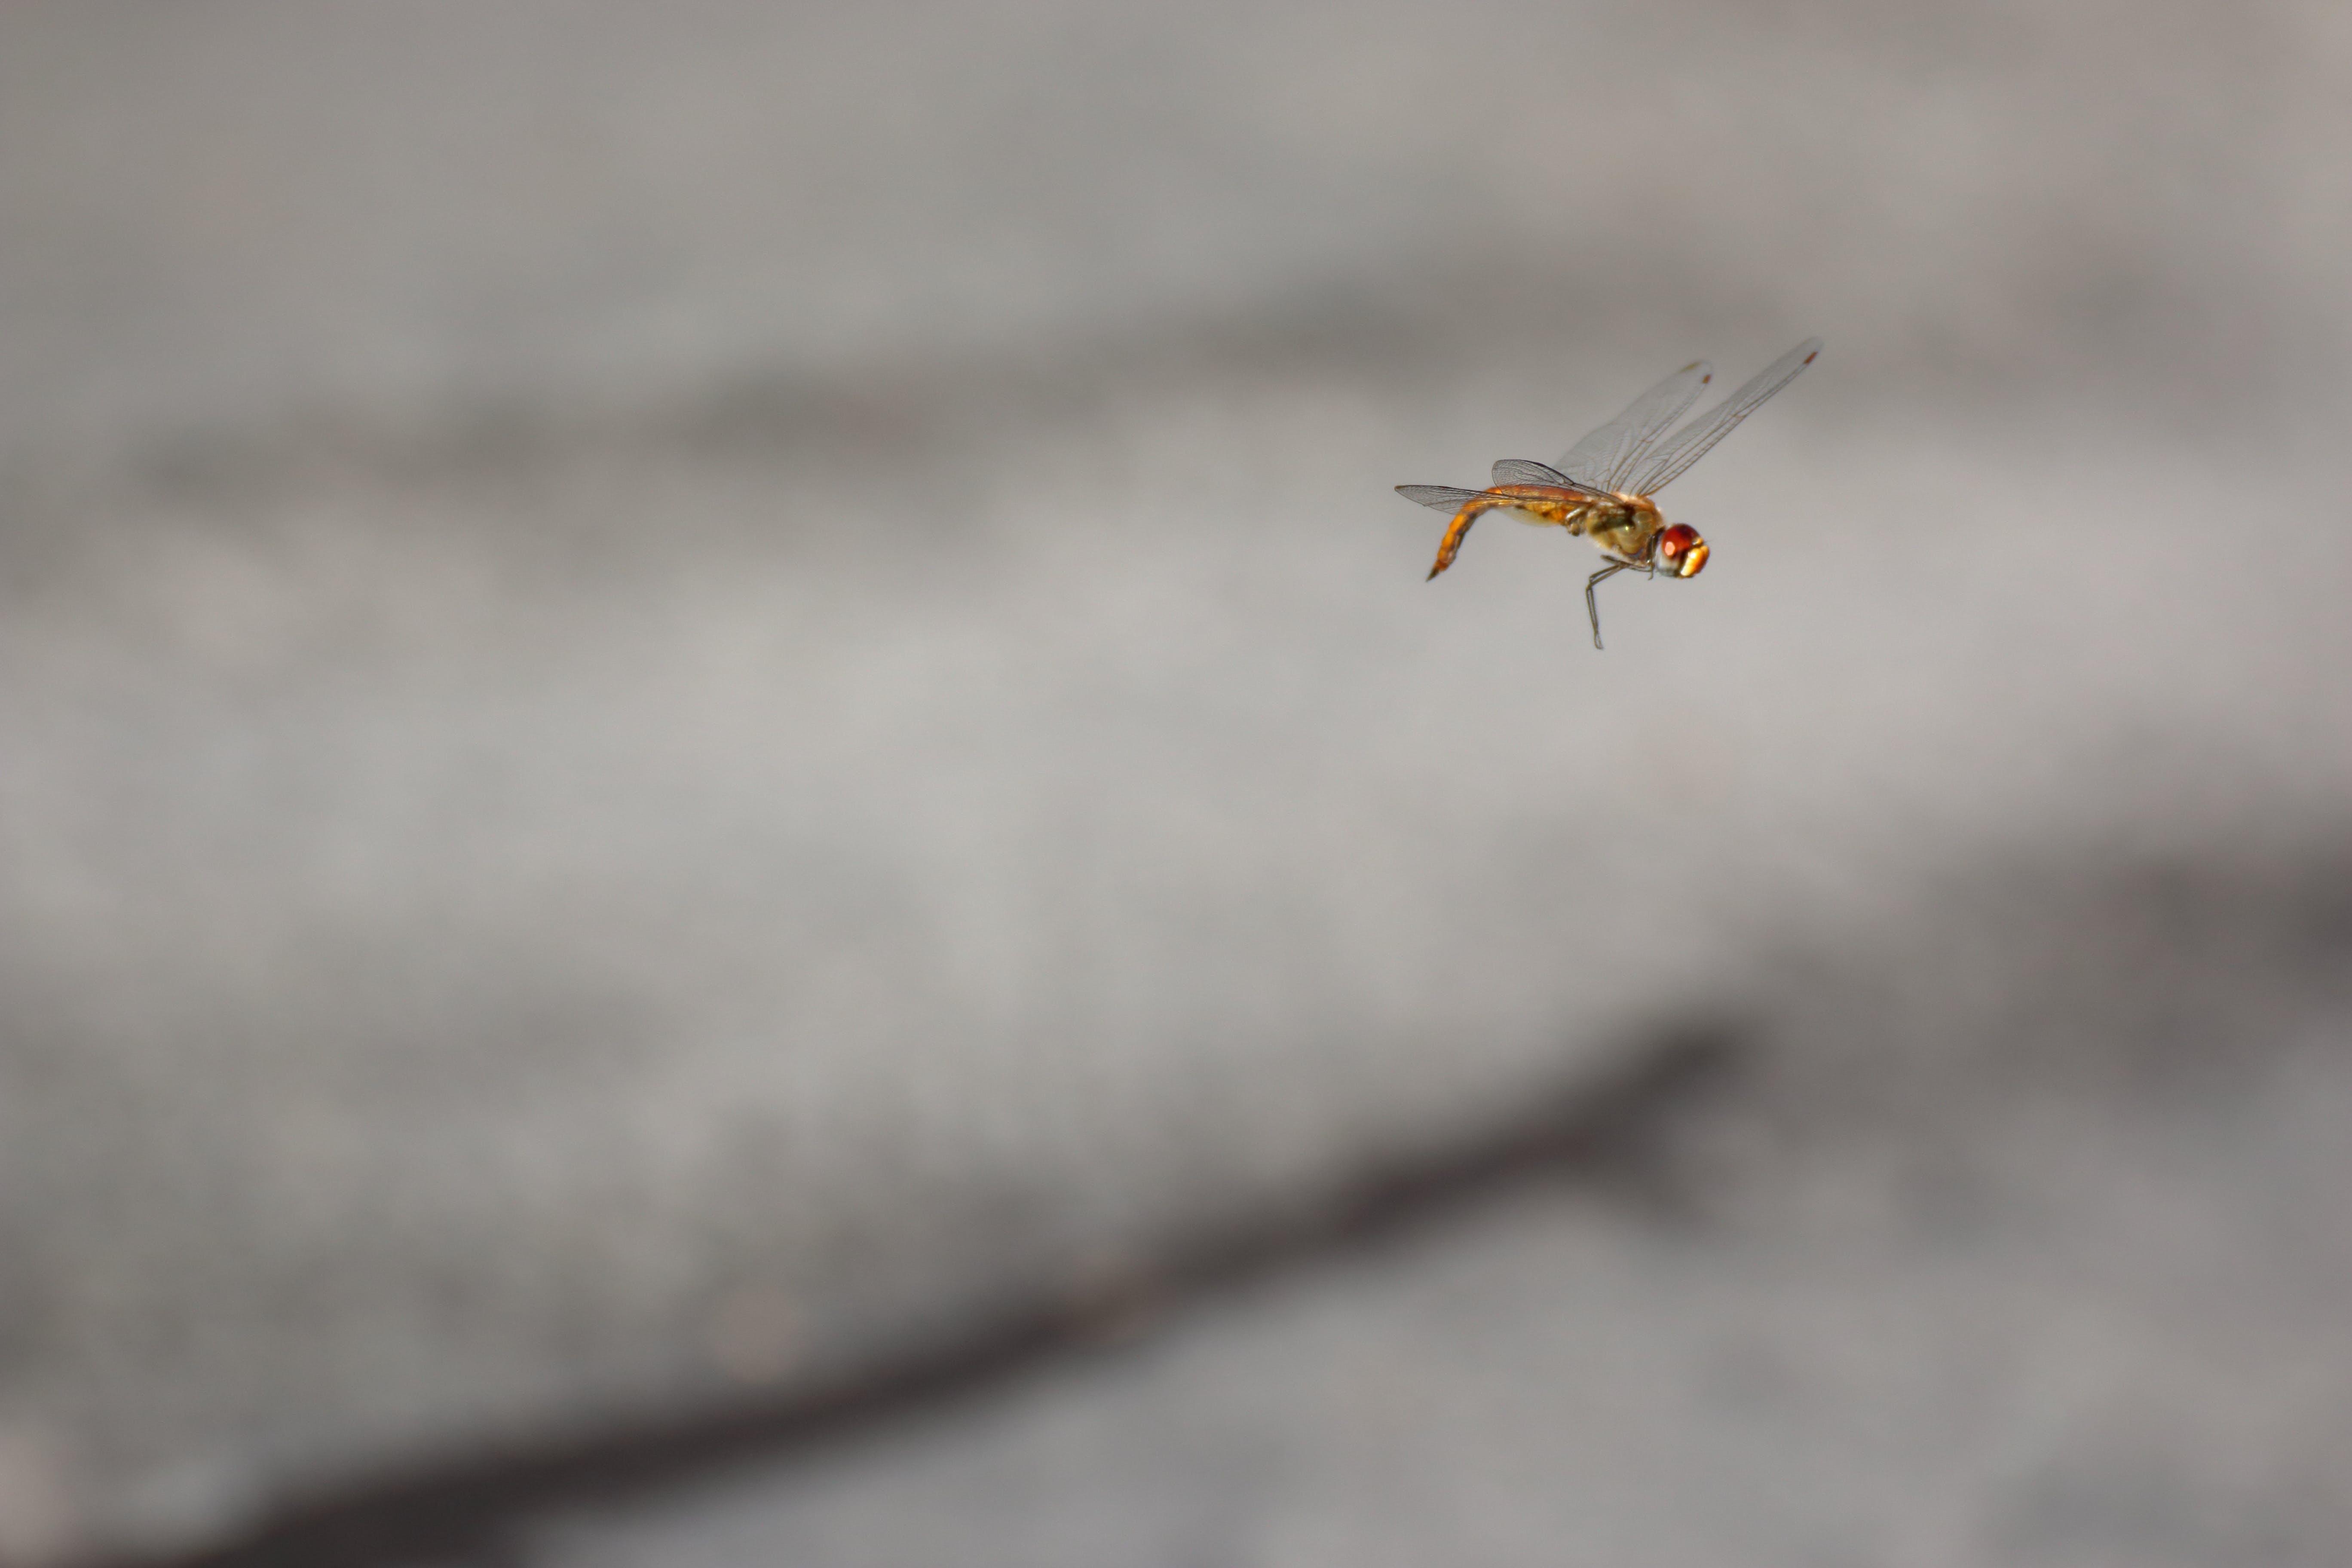 Δωρεάν στοκ φωτογραφιών με έντομο, λιβελούλα, πέταγμα, υψηλή ταχύτητα